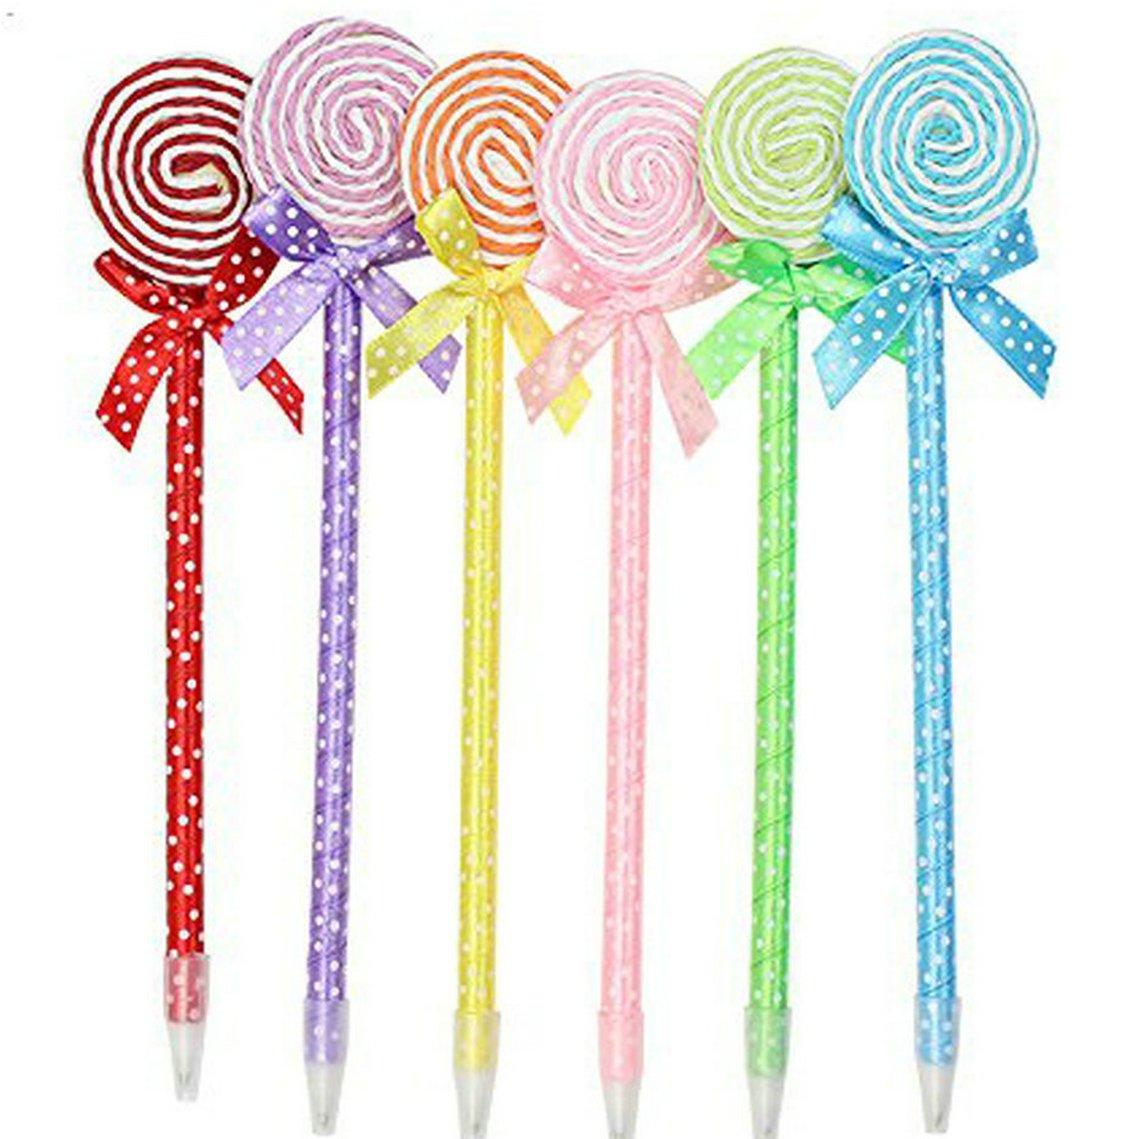 WIN-MARKET Fashion Cute Colorful Cute Kawaii Lovely Flat Lollipop Gel Ball Pens Office School Supply Stationery(8PCS)